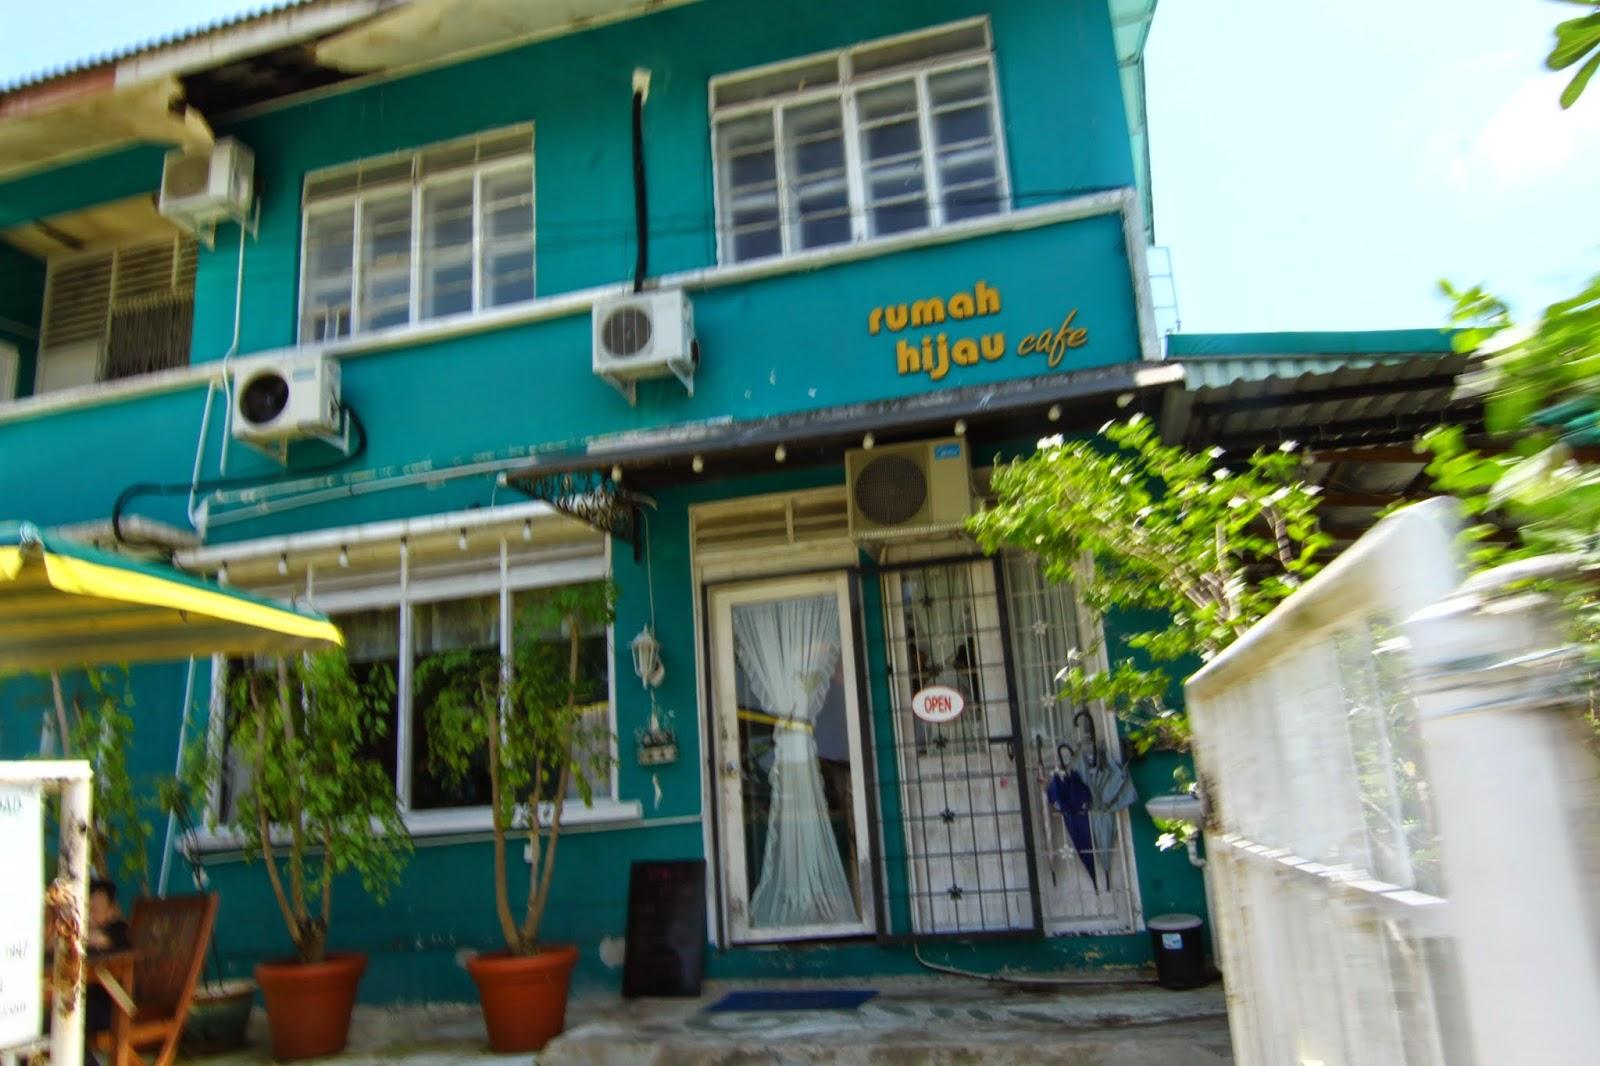 Rumah Hijau Cafe Kuching